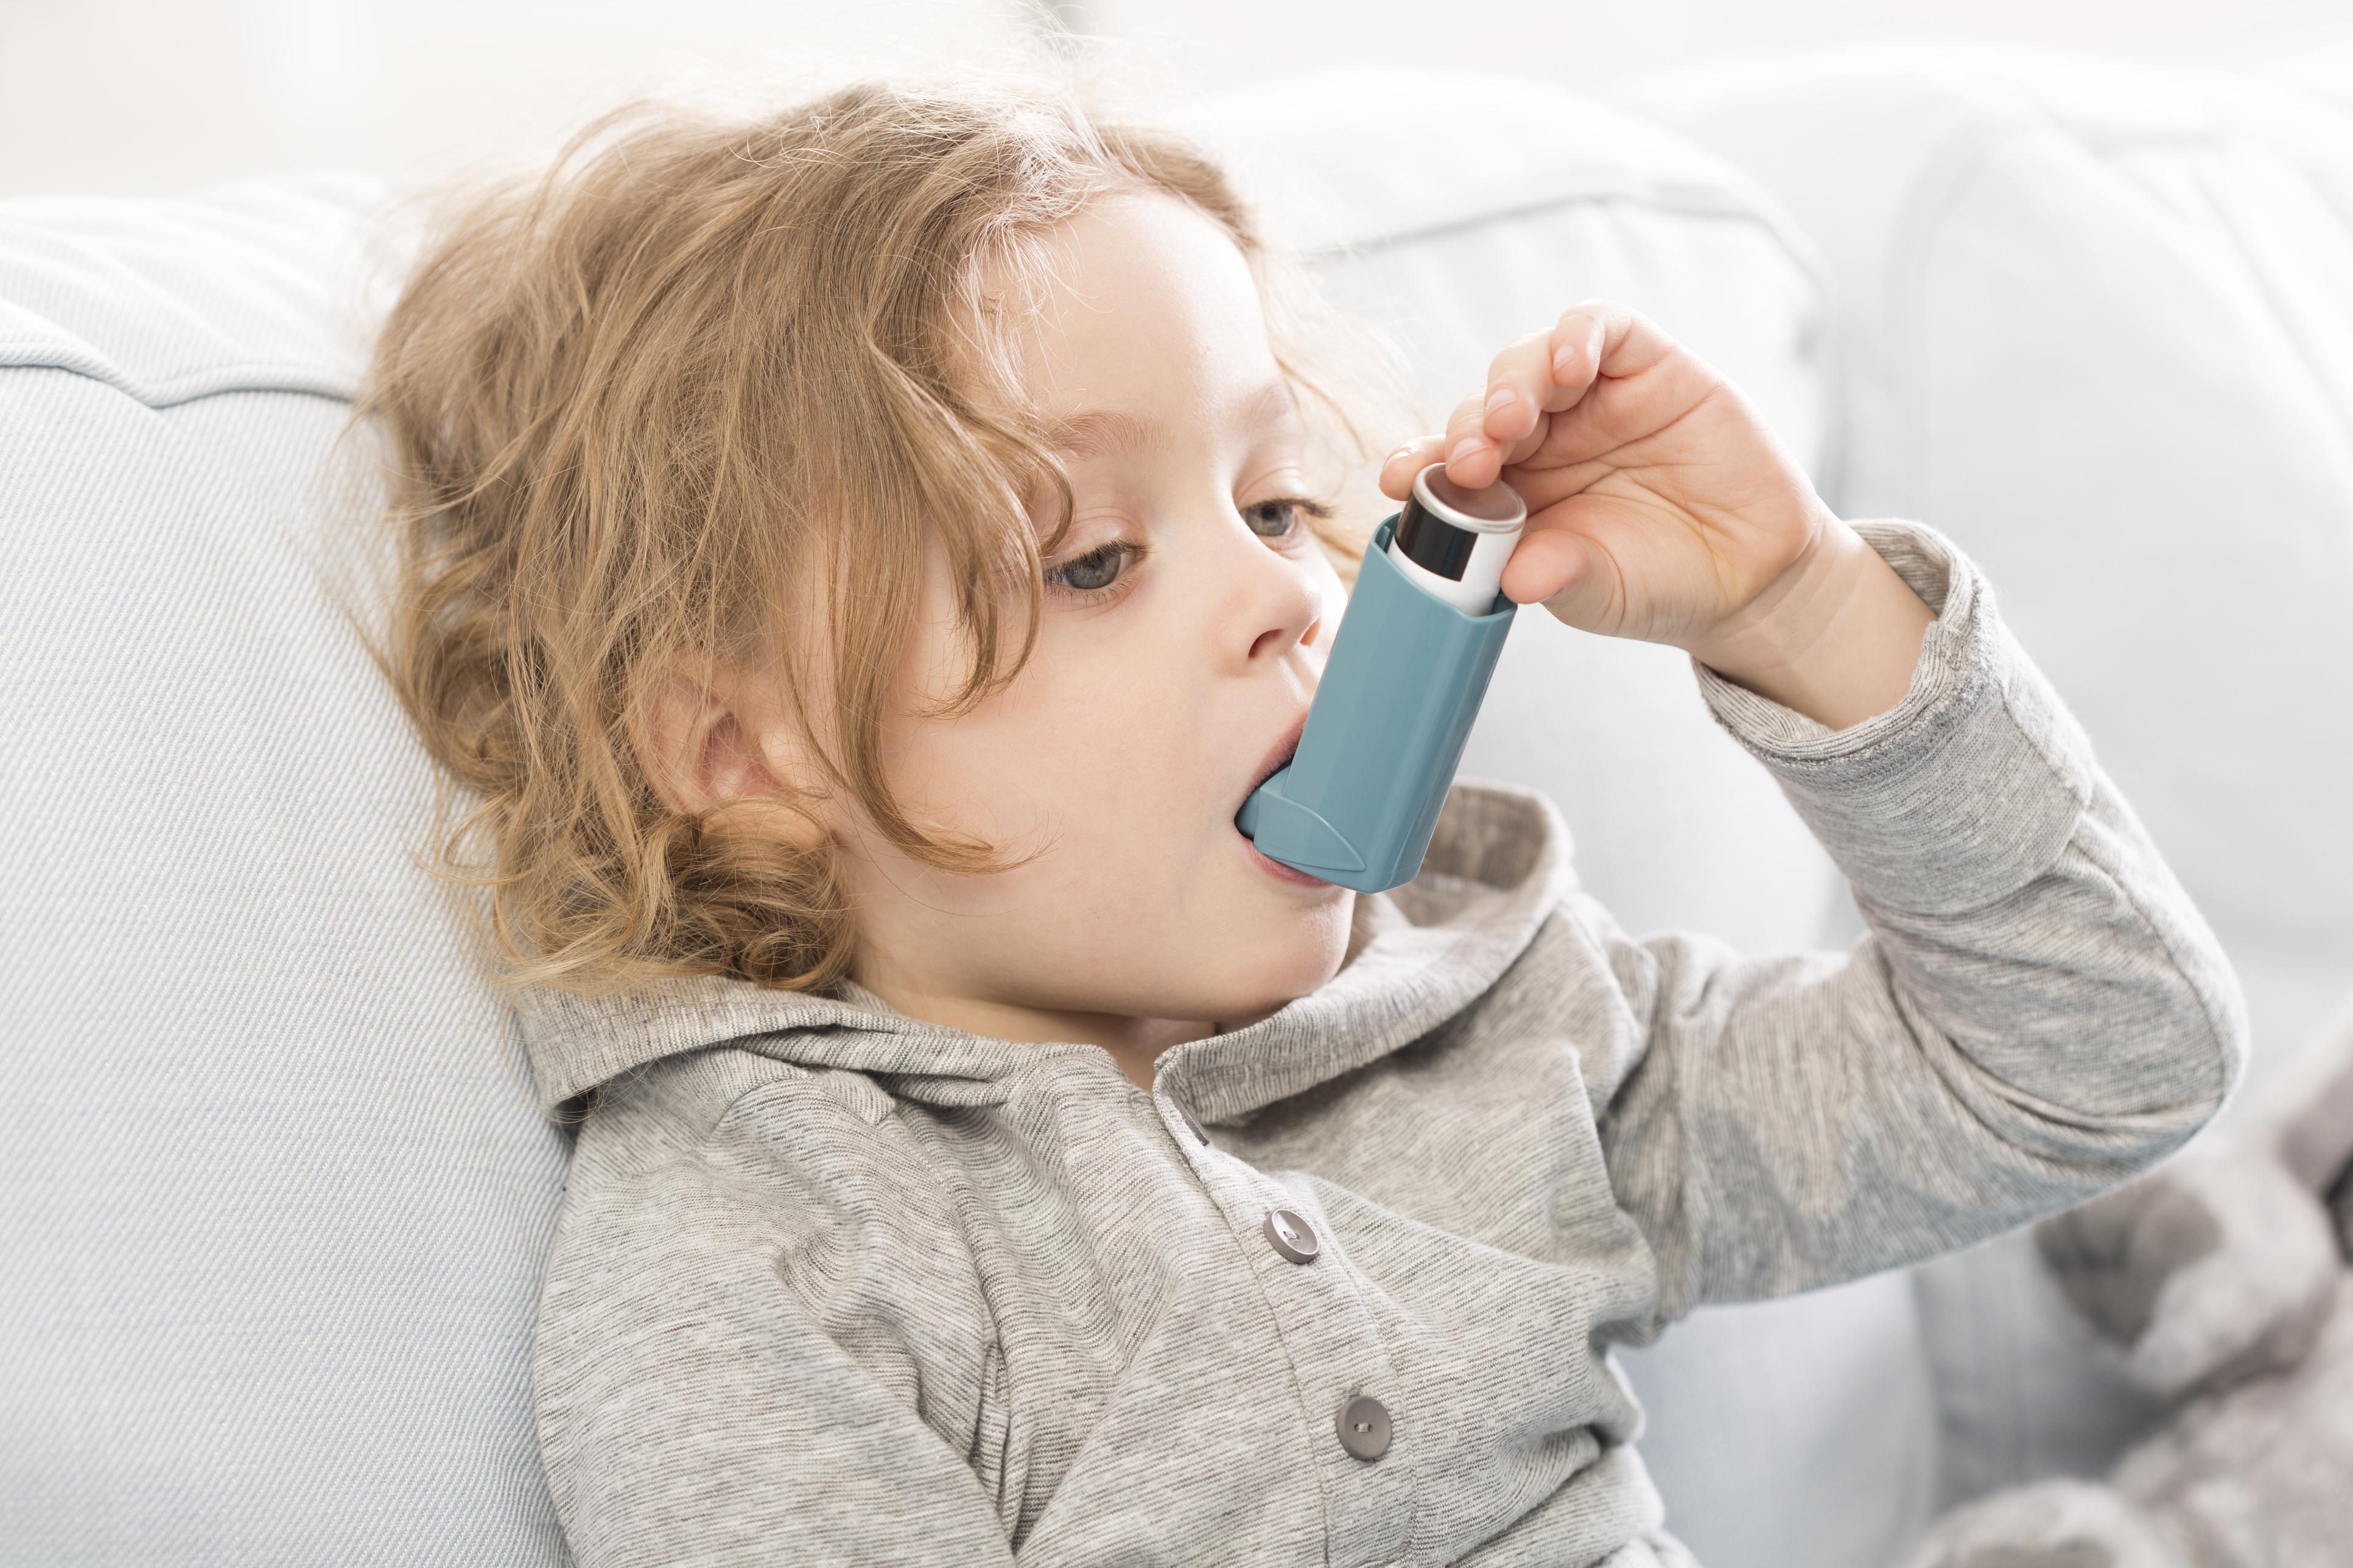 Діти з астмою частіше схильні до ризику зайвої ваги, дослідження